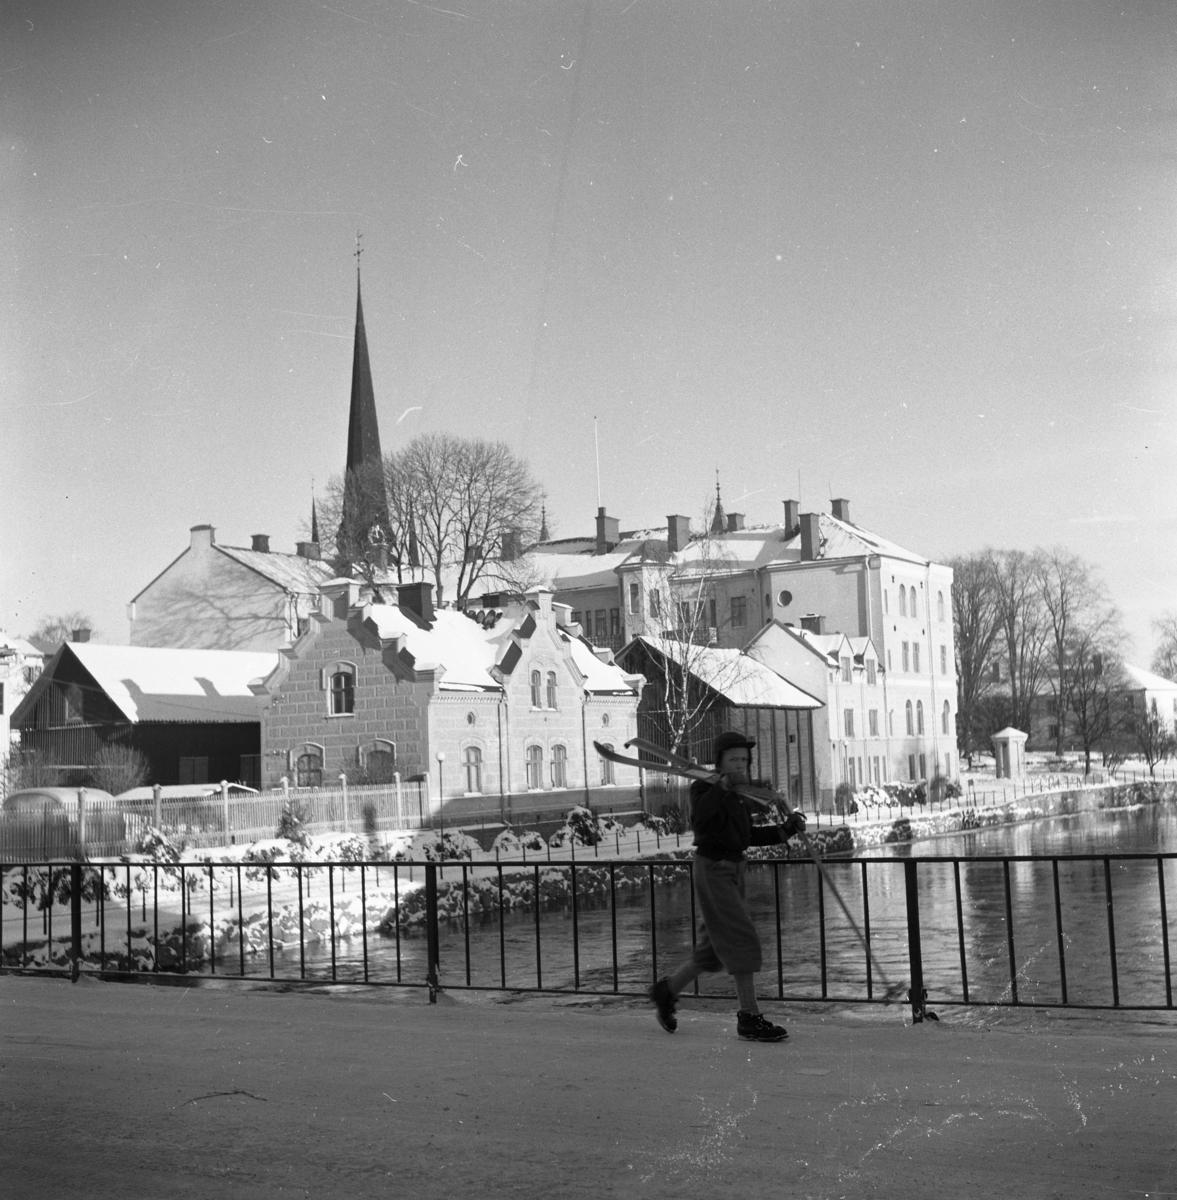 """Vintermotiv. En pojke går över Kapellbron. Han bär sina skidor på axeln och håller stavarna i handen. I bakgrunden ses Labron/Ladbron, """"Sparbankshuset"""", pumphuset, Kyrkparken och en fastighet på Strandvägen. Tornet på Heliga Trefaldighetskyrkan sticker upp över snötäckta hustak."""